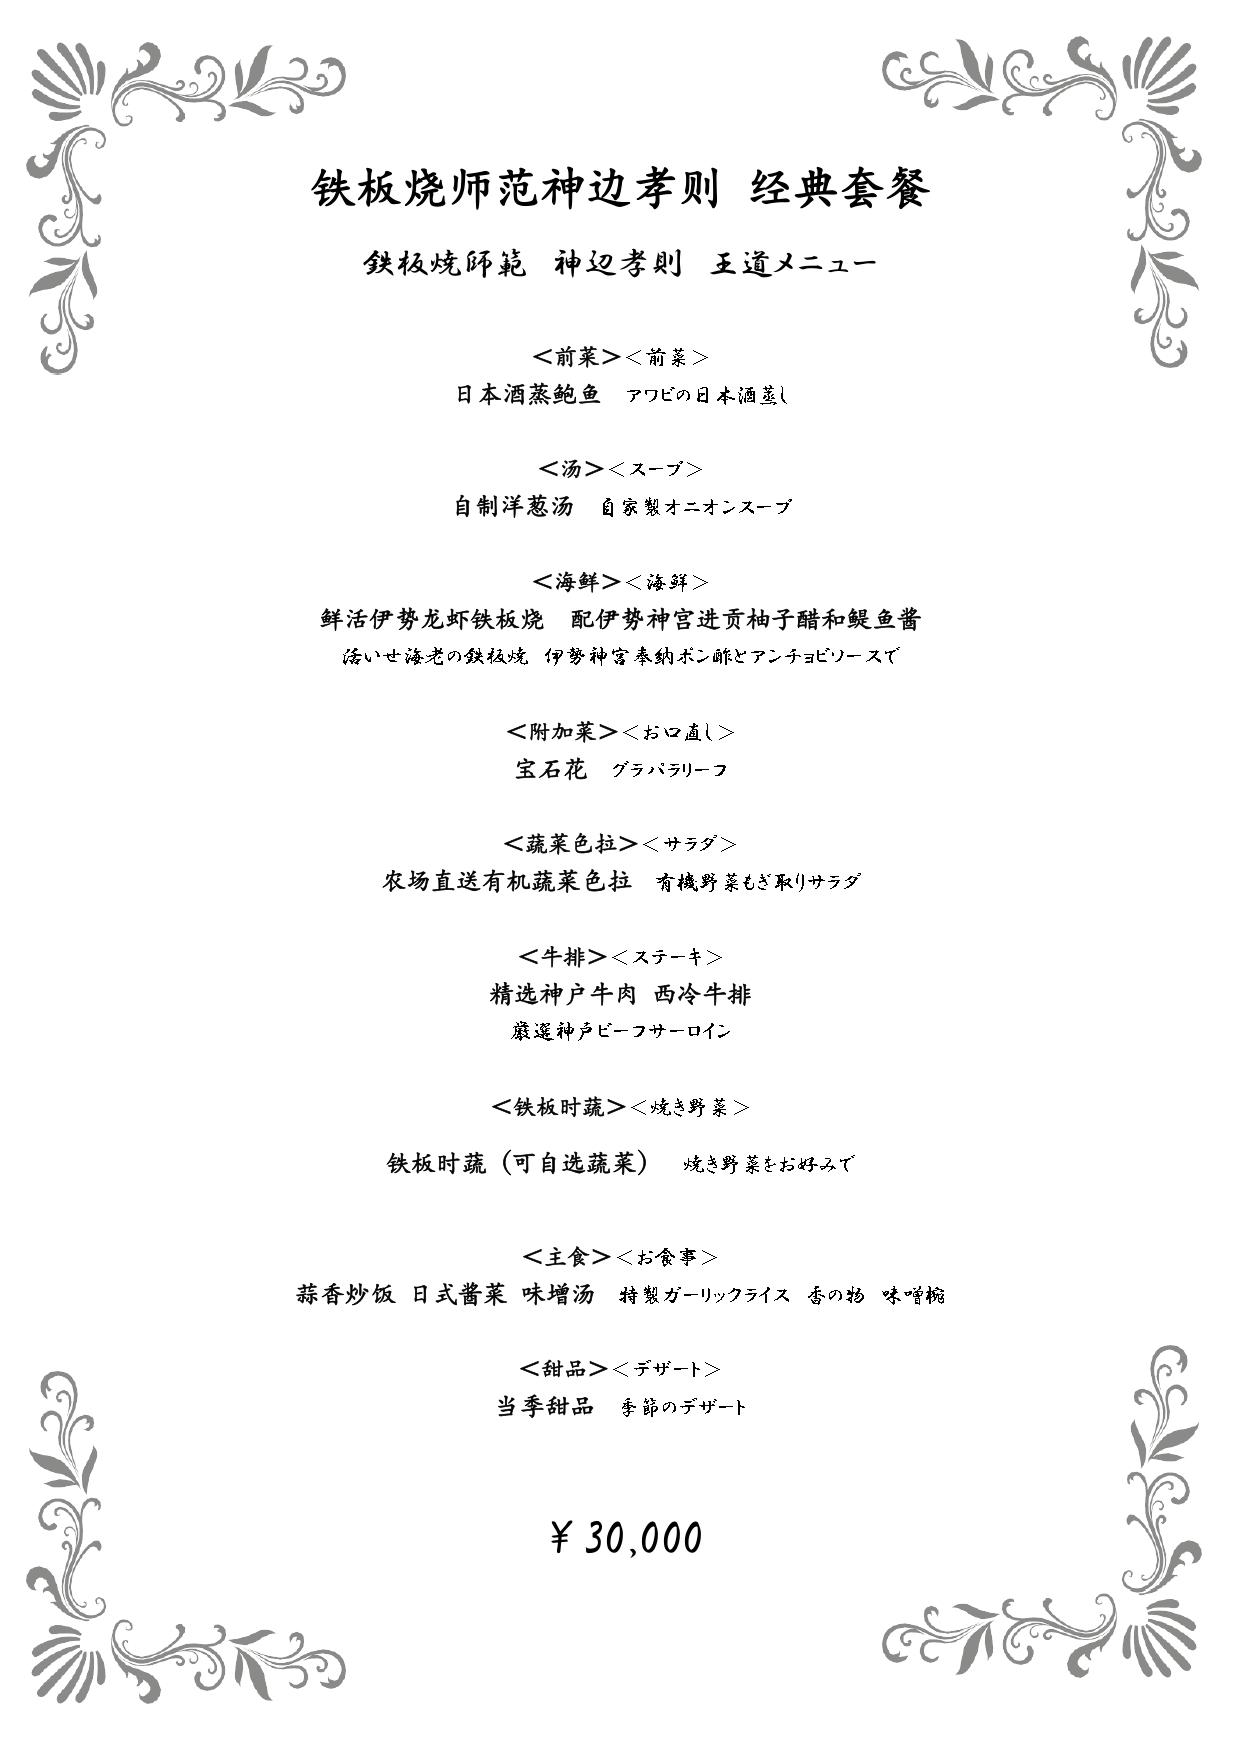 鉄板焼 [銀座店] ディナーメニュー2